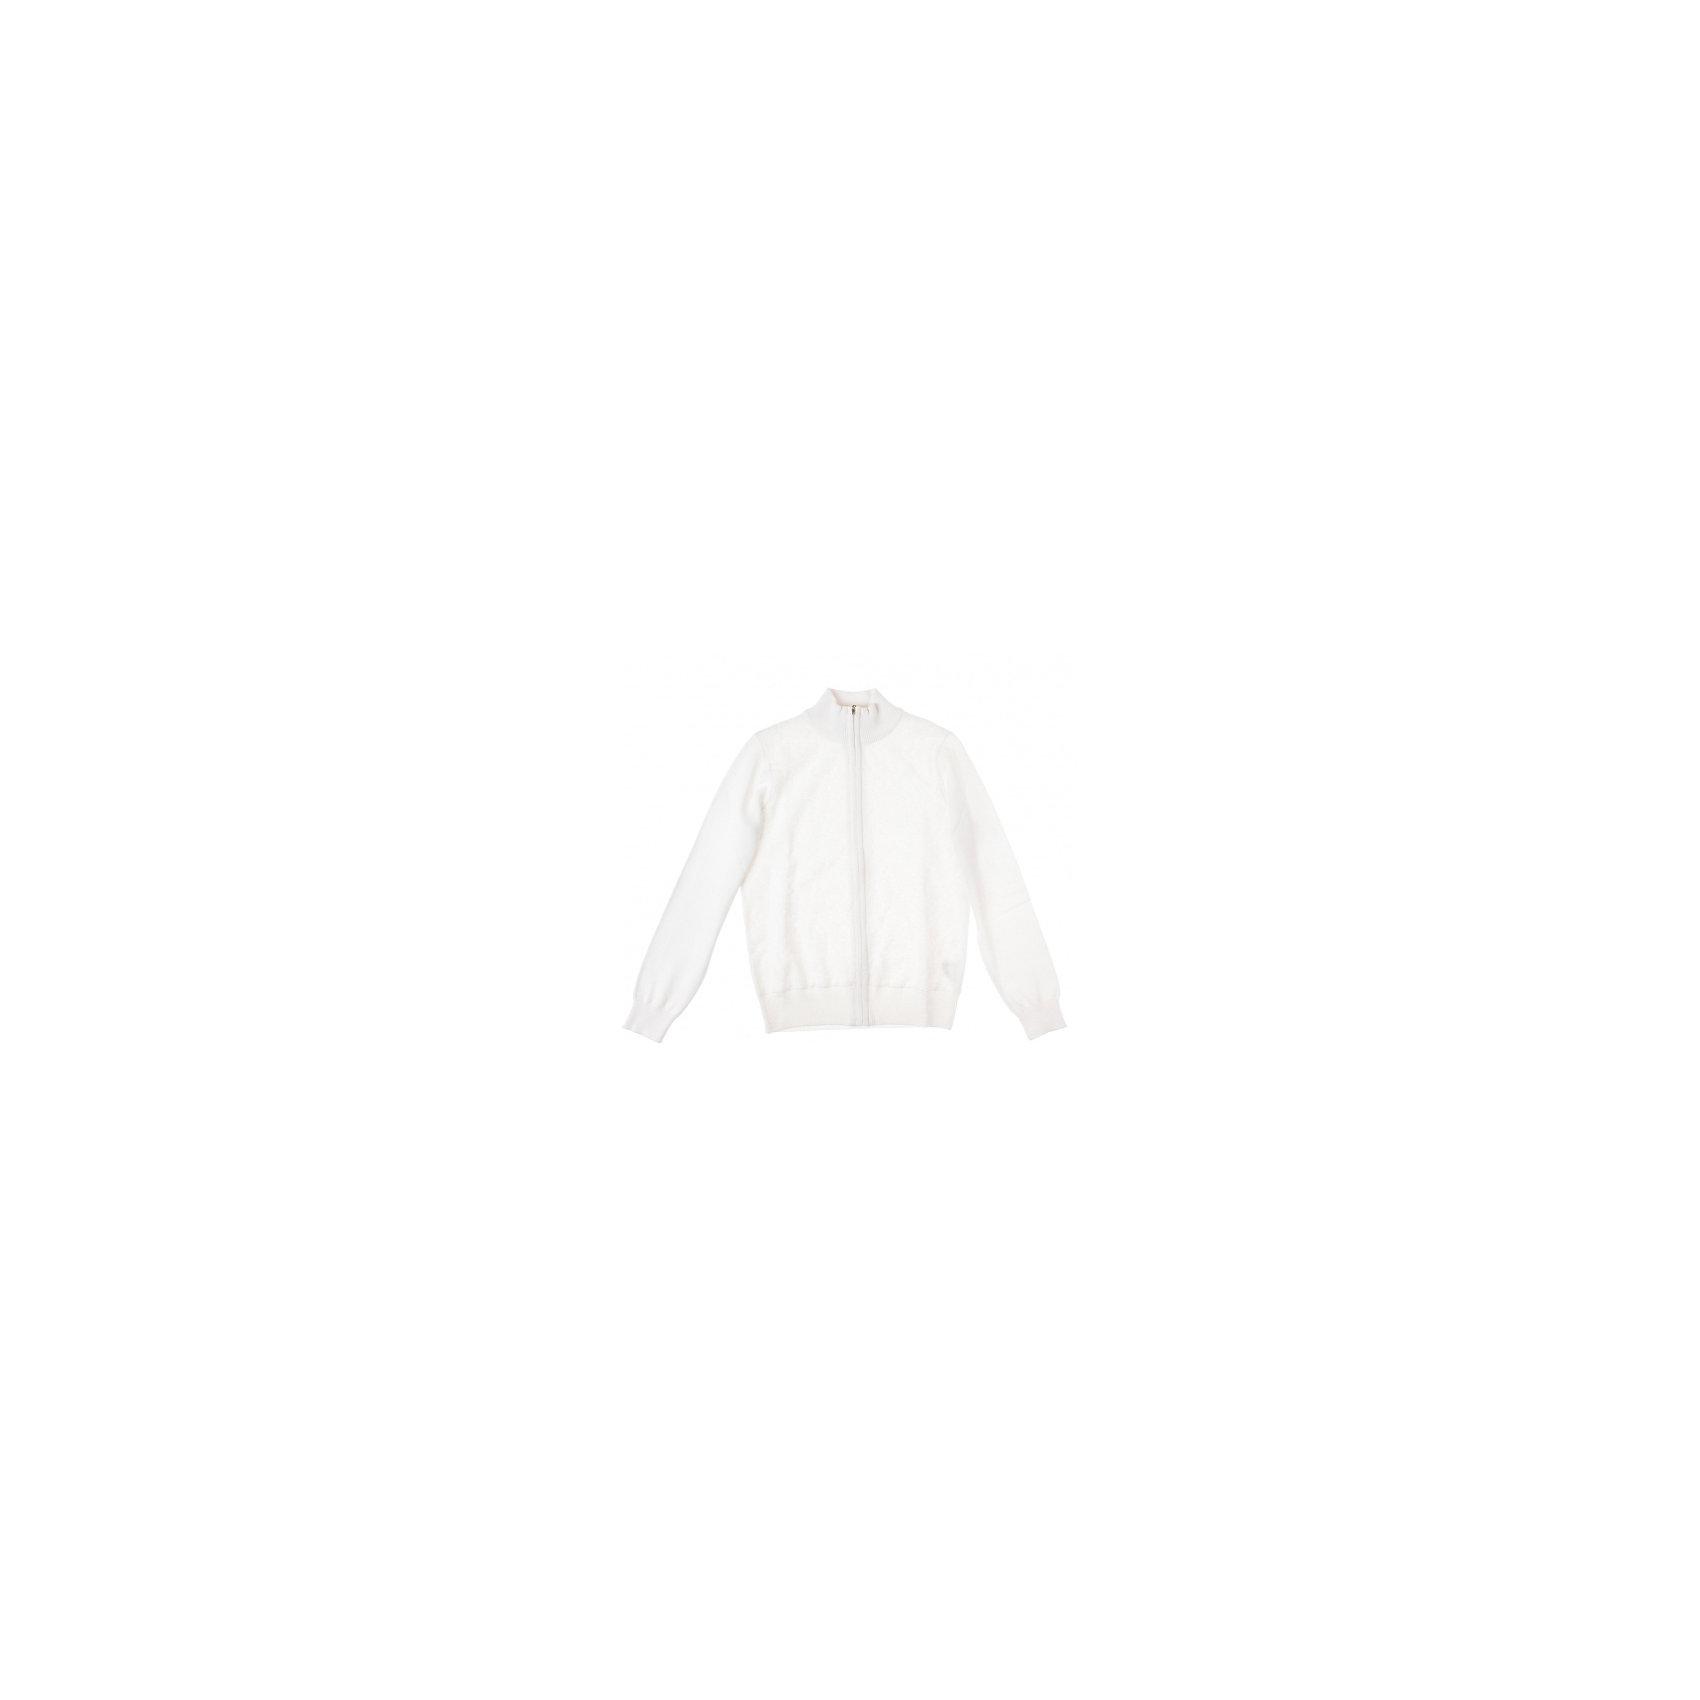 Кардиган для девочки ScoolКардиган для девочки из коллекции «Париж» от известного бренда Scool. Удобный кардиган на каждый день. Приятный молочно-белый цвет в сочетании с классическим дизайном придут по вкусу вашей моднице. Джемпер отлично подойдет как к юбкам и брюкам, так и к джинсам.<br><br>Дополнительная информация:<br>- Длина: удлиненная<br>- Рукав: длинный<br>- Силуэт: прямой <br>Состав: 60% хлопок, 40% акрил<br><br>Кардиган для девочек Scool можно купить в нашем интернет-магазине.<br><br>Подробнее:<br>• Для детей в возрасте: от 8 до 14 лет<br>• Номер товара: 4911374<br>Страна производитель: Китай<br><br>Ширина мм: 190<br>Глубина мм: 74<br>Высота мм: 229<br>Вес г: 236<br>Цвет: белый<br>Возраст от месяцев: 120<br>Возраст до месяцев: 132<br>Пол: Женский<br>Возраст: Детский<br>Размер: 146,164,158,140,134,152<br>SKU: 4911373